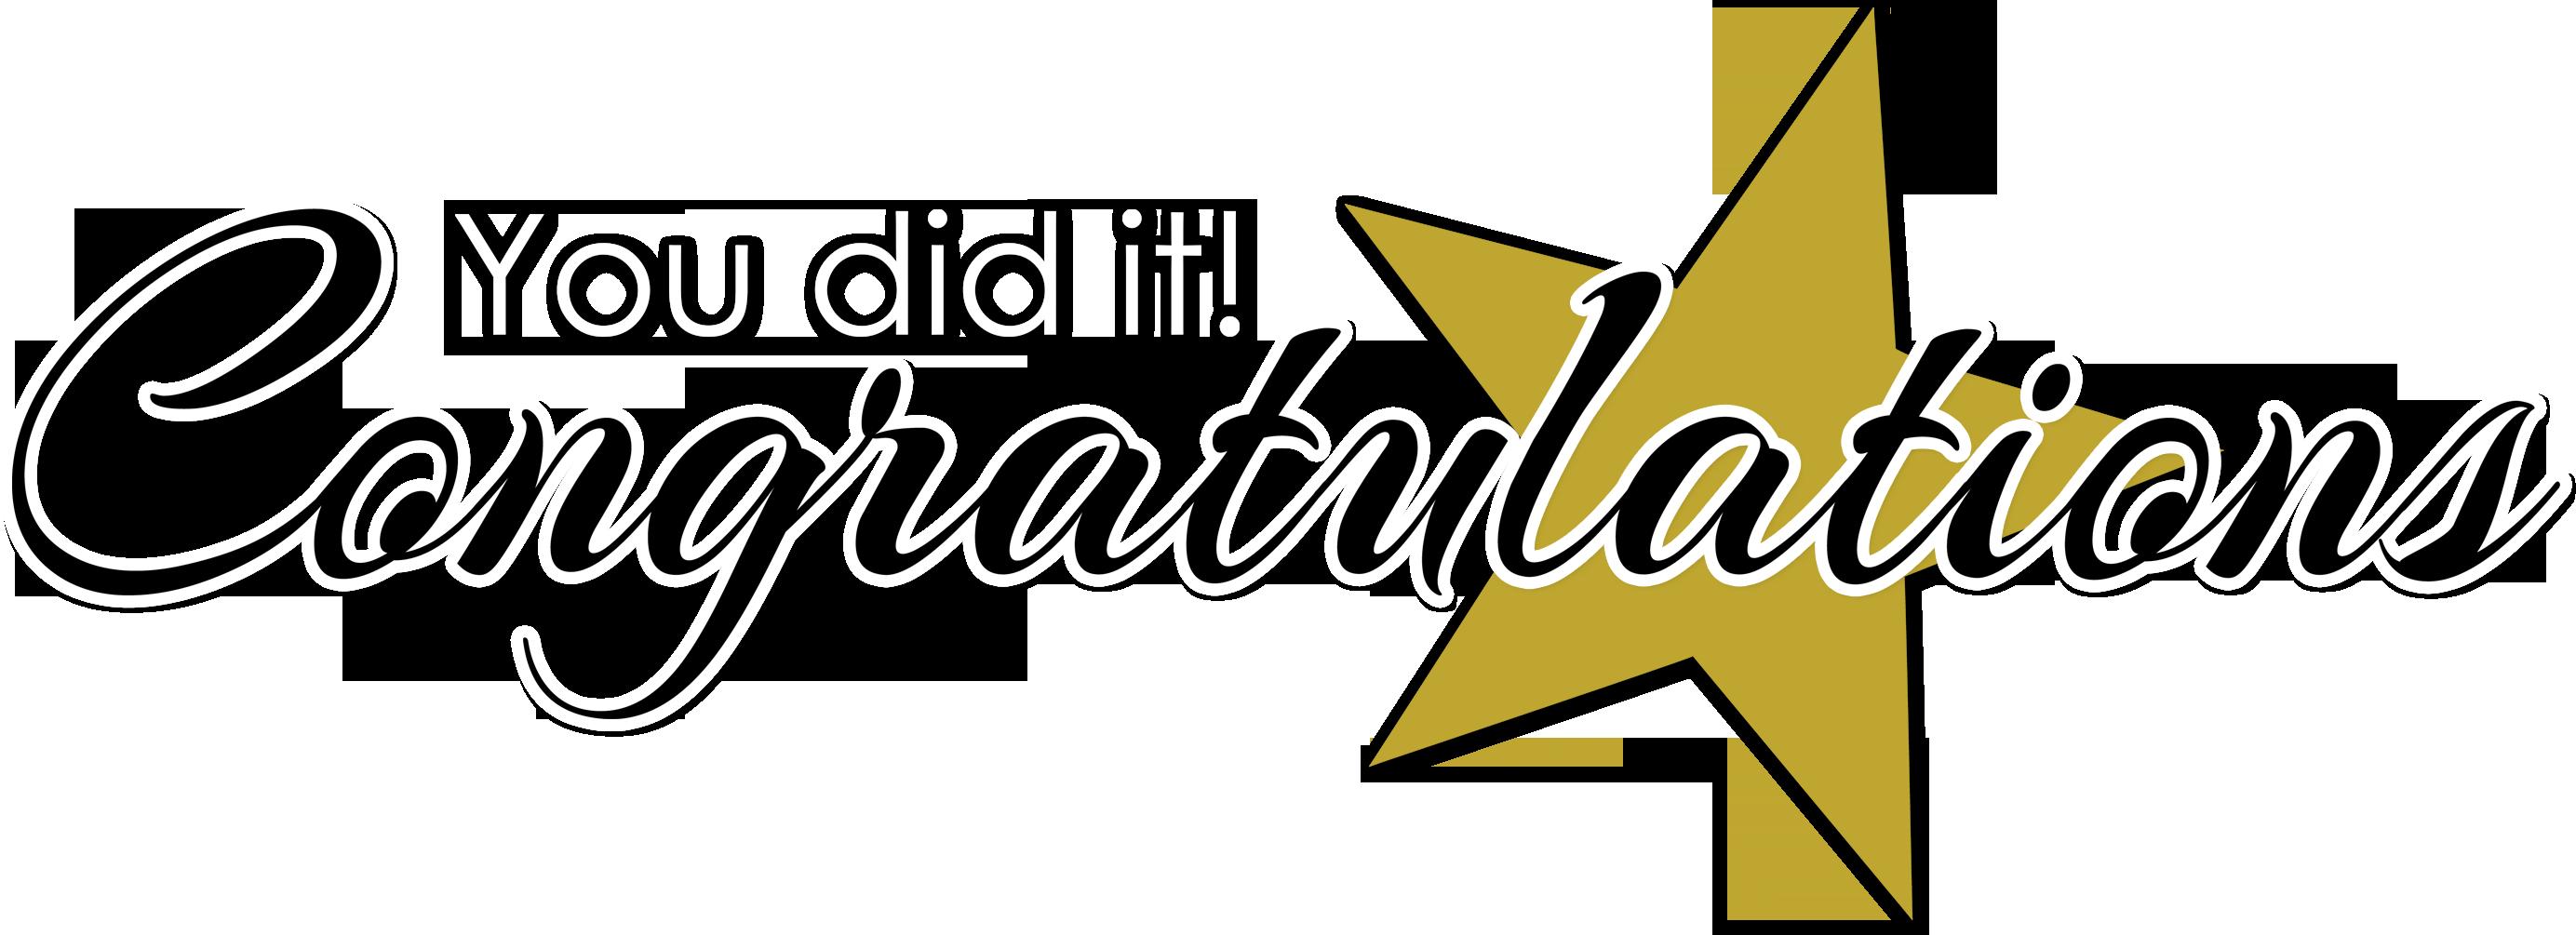 Future clipart congratulation graduate 2018. Congratulations icons png vector